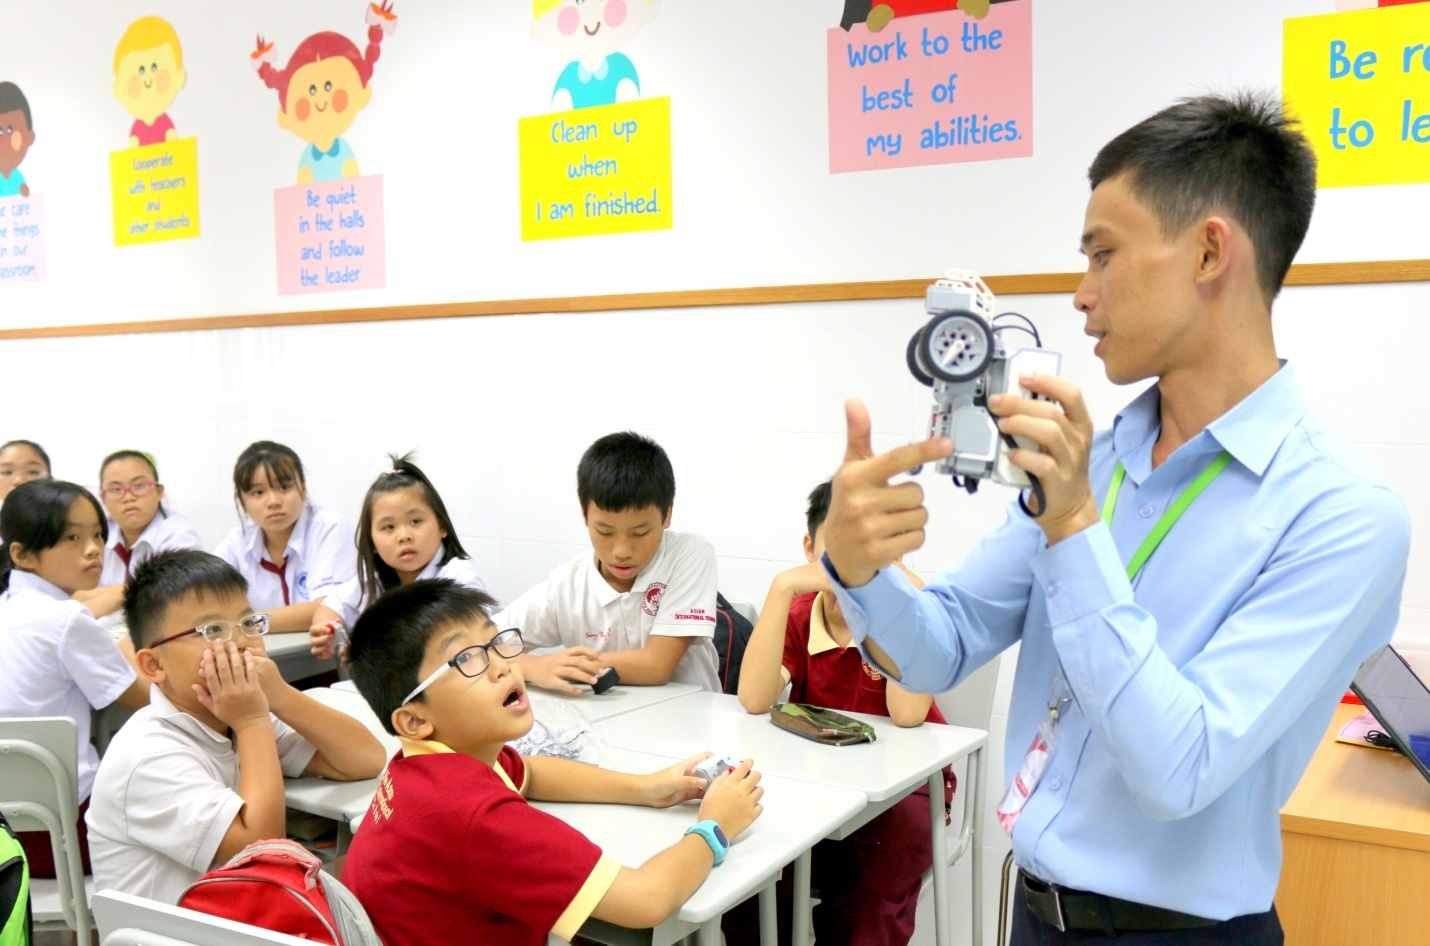 Tiết học STEM Robotics ở một trường THCS tư thục ở TPHCM. Ảnh: siu.edu.vn